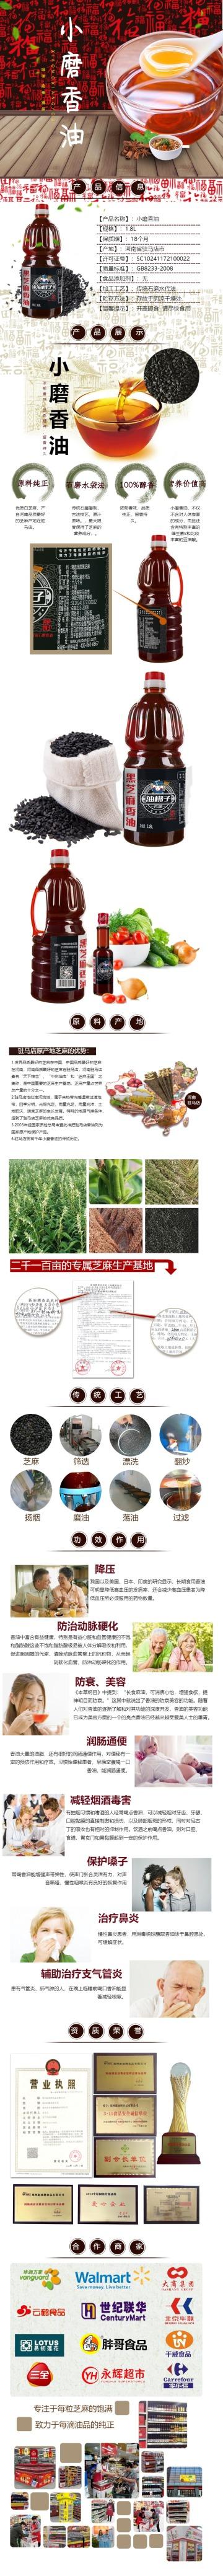 中国风古风百货零售粮油副食芝麻油促销电商详情页